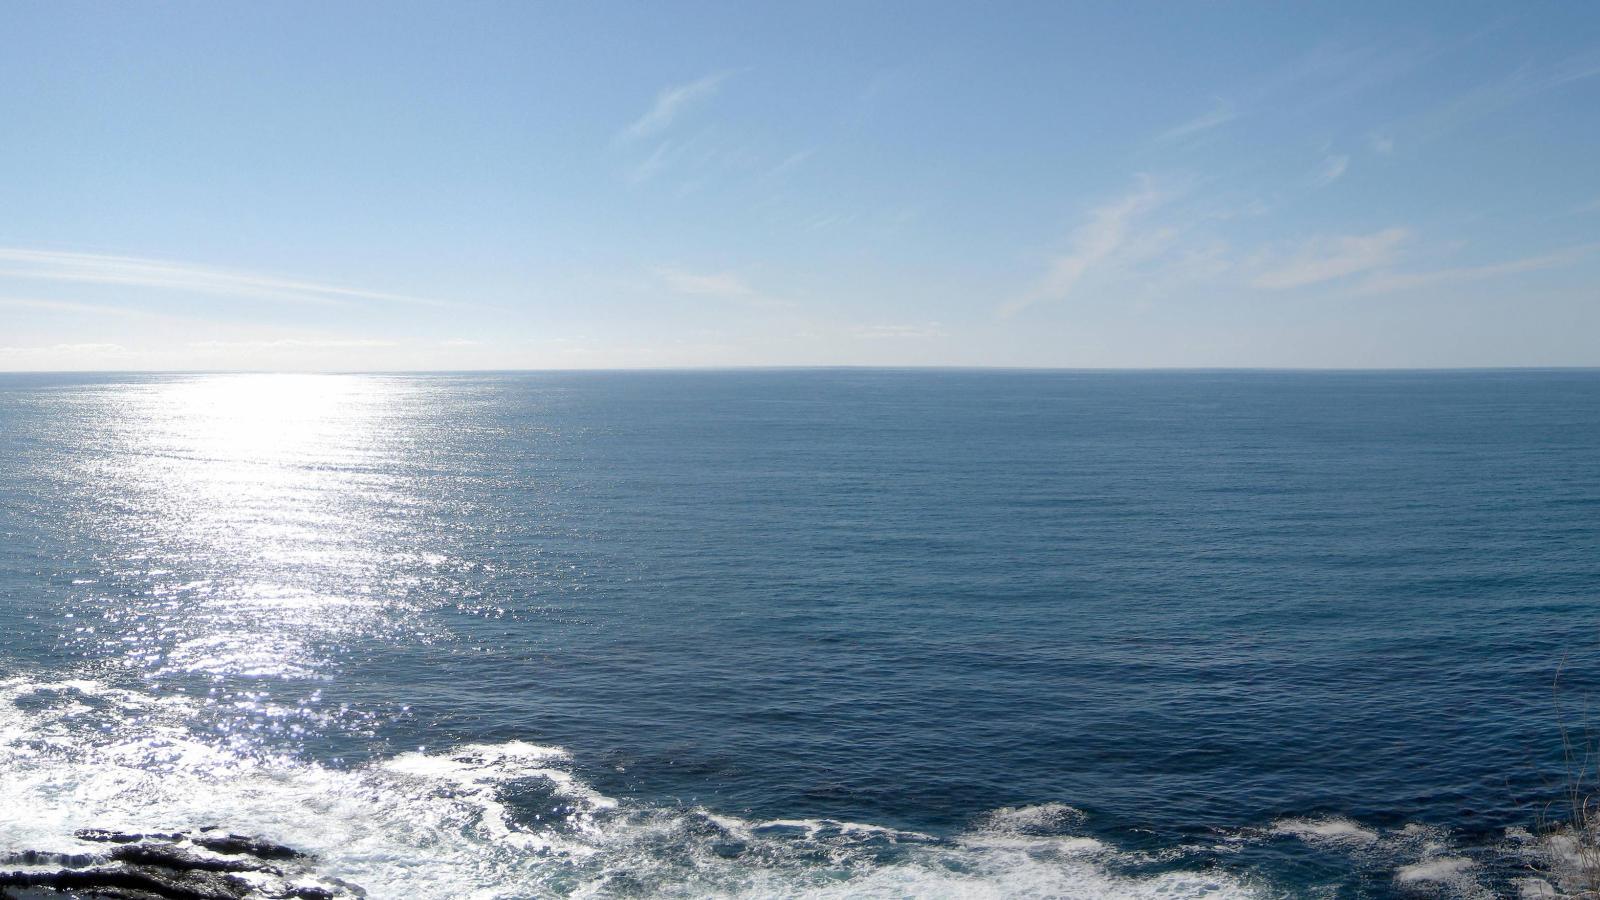 Ocean View Wallpapers - WallpaperSafari